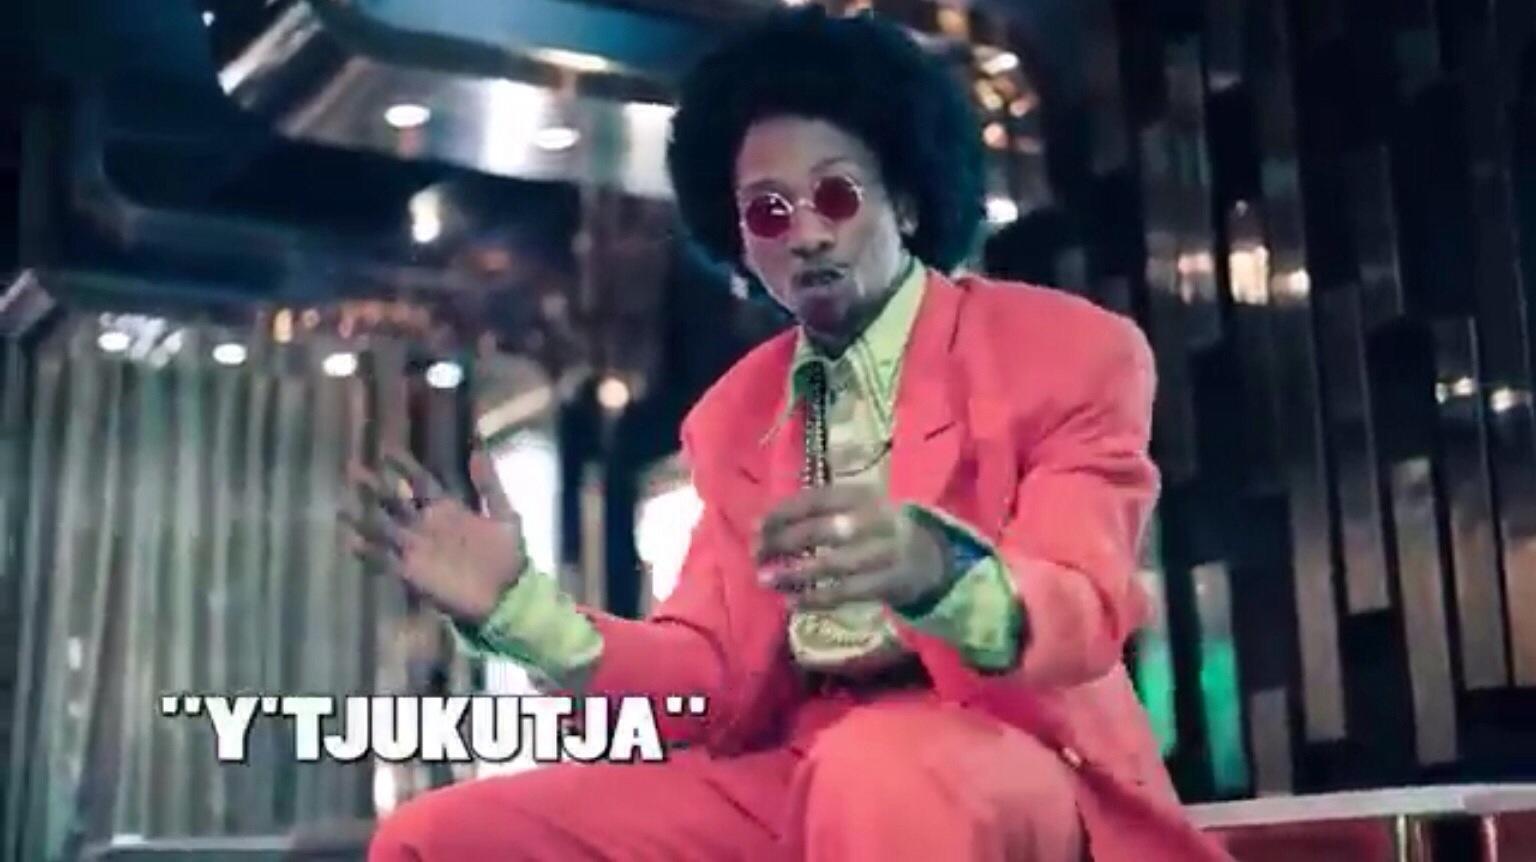 uhuru chukucha